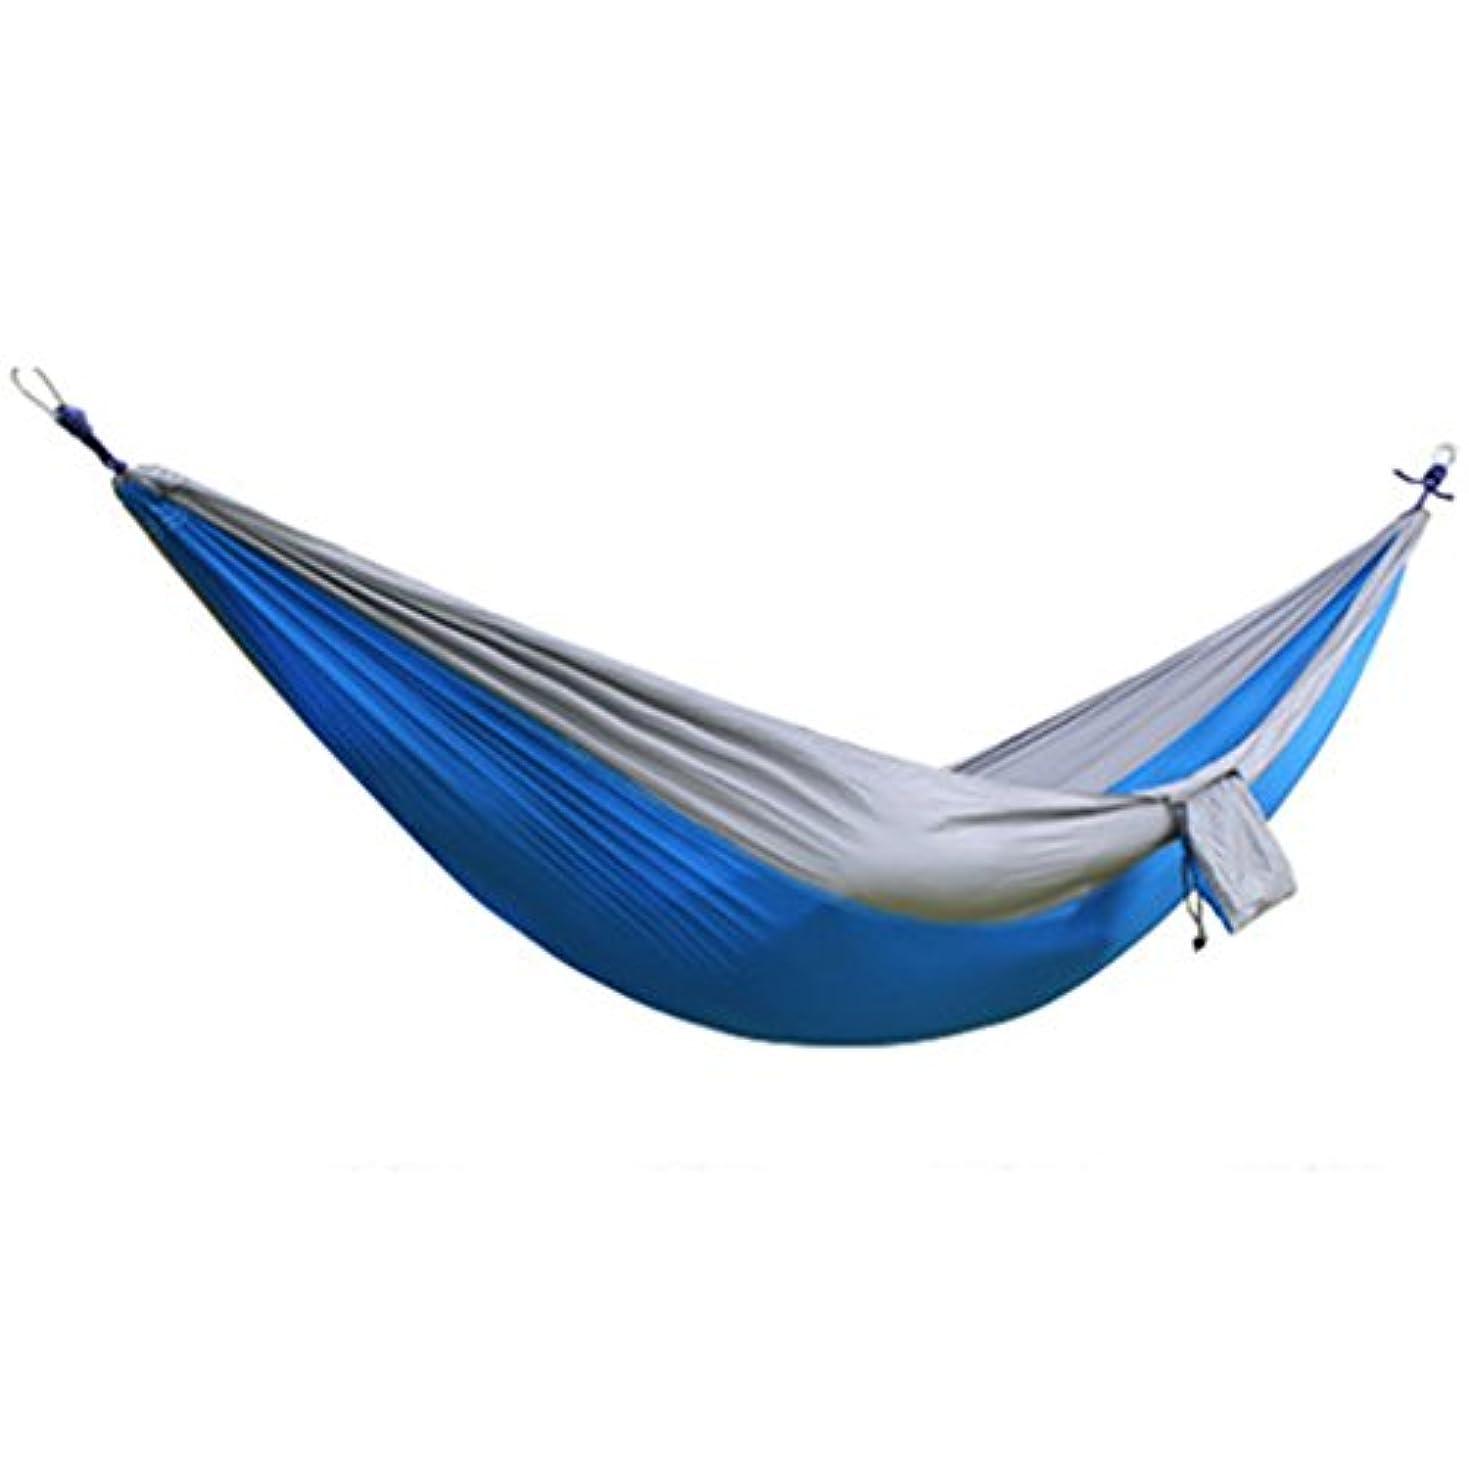 これまでコメンテーターバウンスハンモック 屋外パラシュート布ハンモック屋外キャンプ装置ダブルスイング2.5 * 1.3m (Color : Blue)